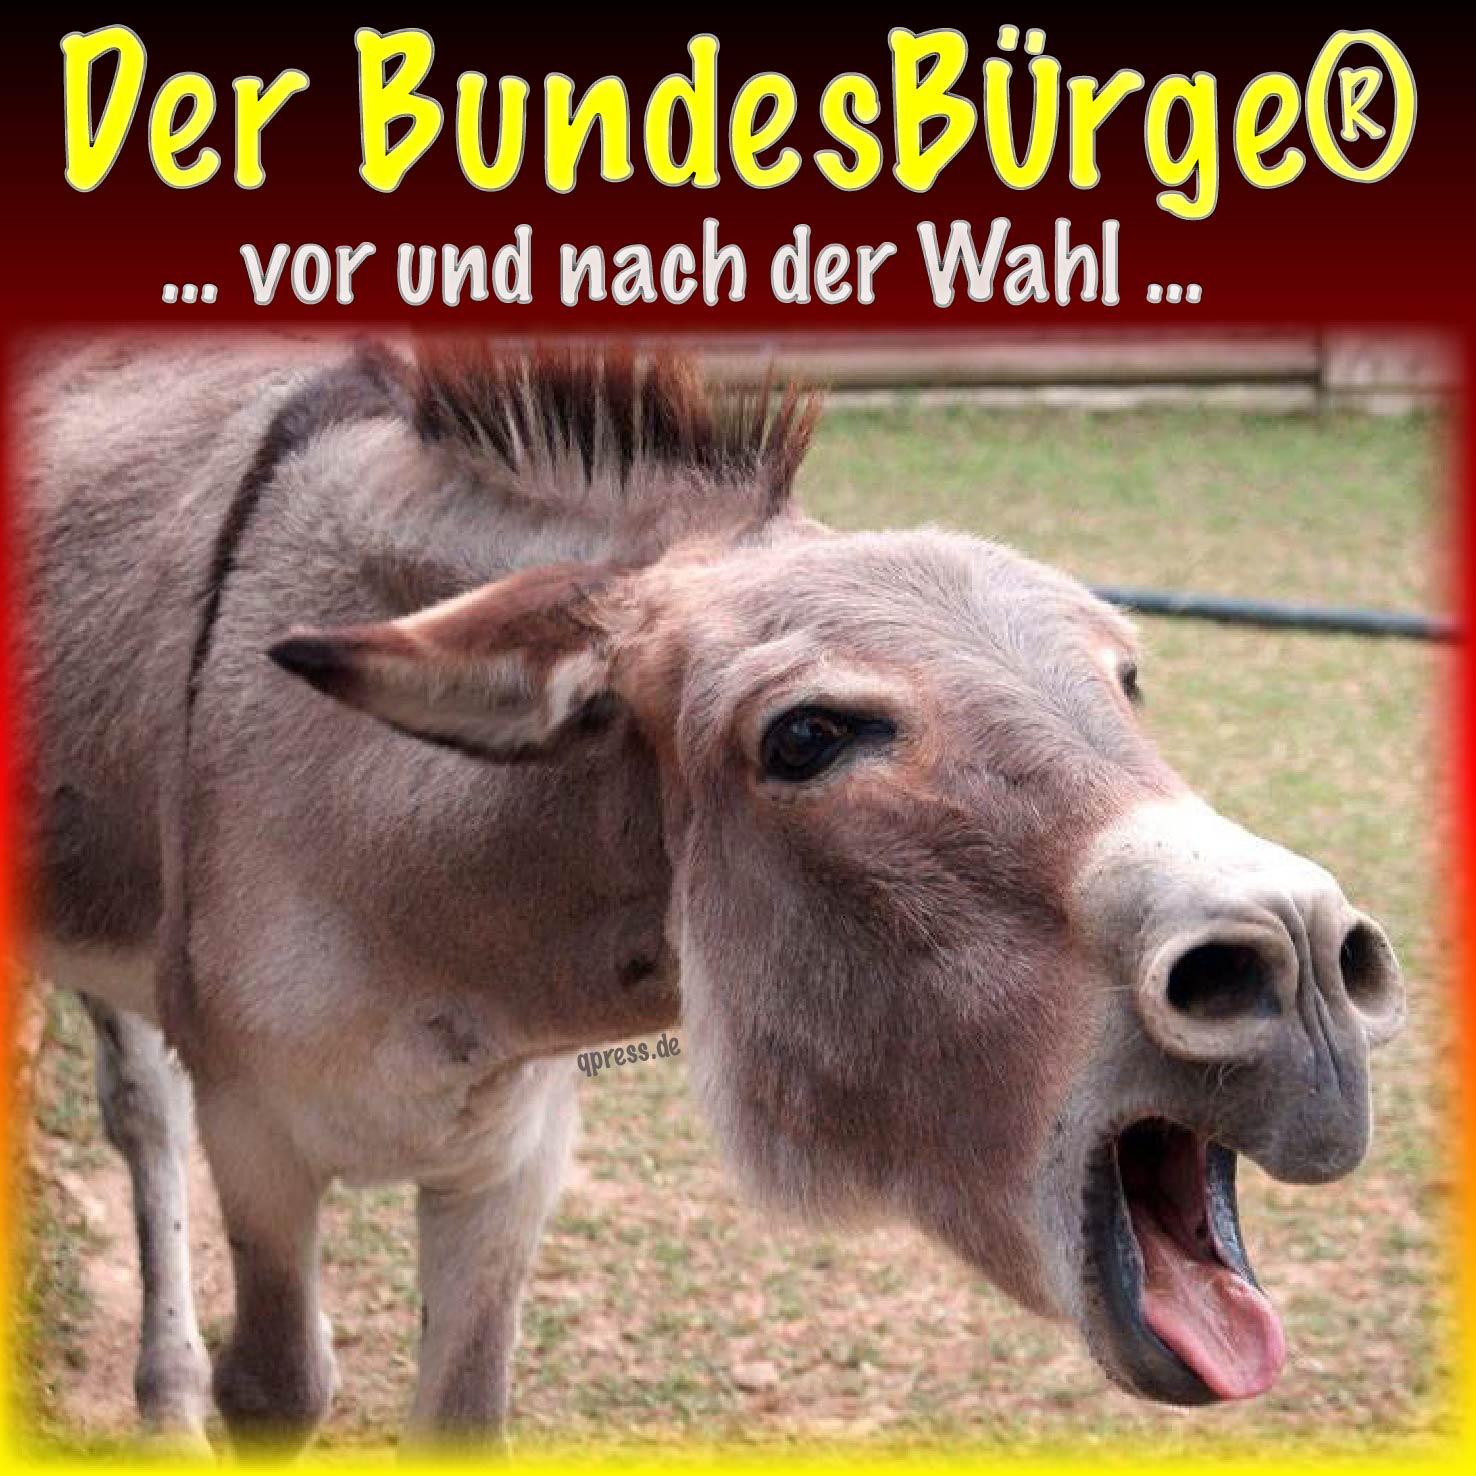 Krisensitzung Merkel-Junta verliert endgültig das Vertrauen ins Volk Der Bundesbuerger vor und nach der Wahl Esel der Nation qpress